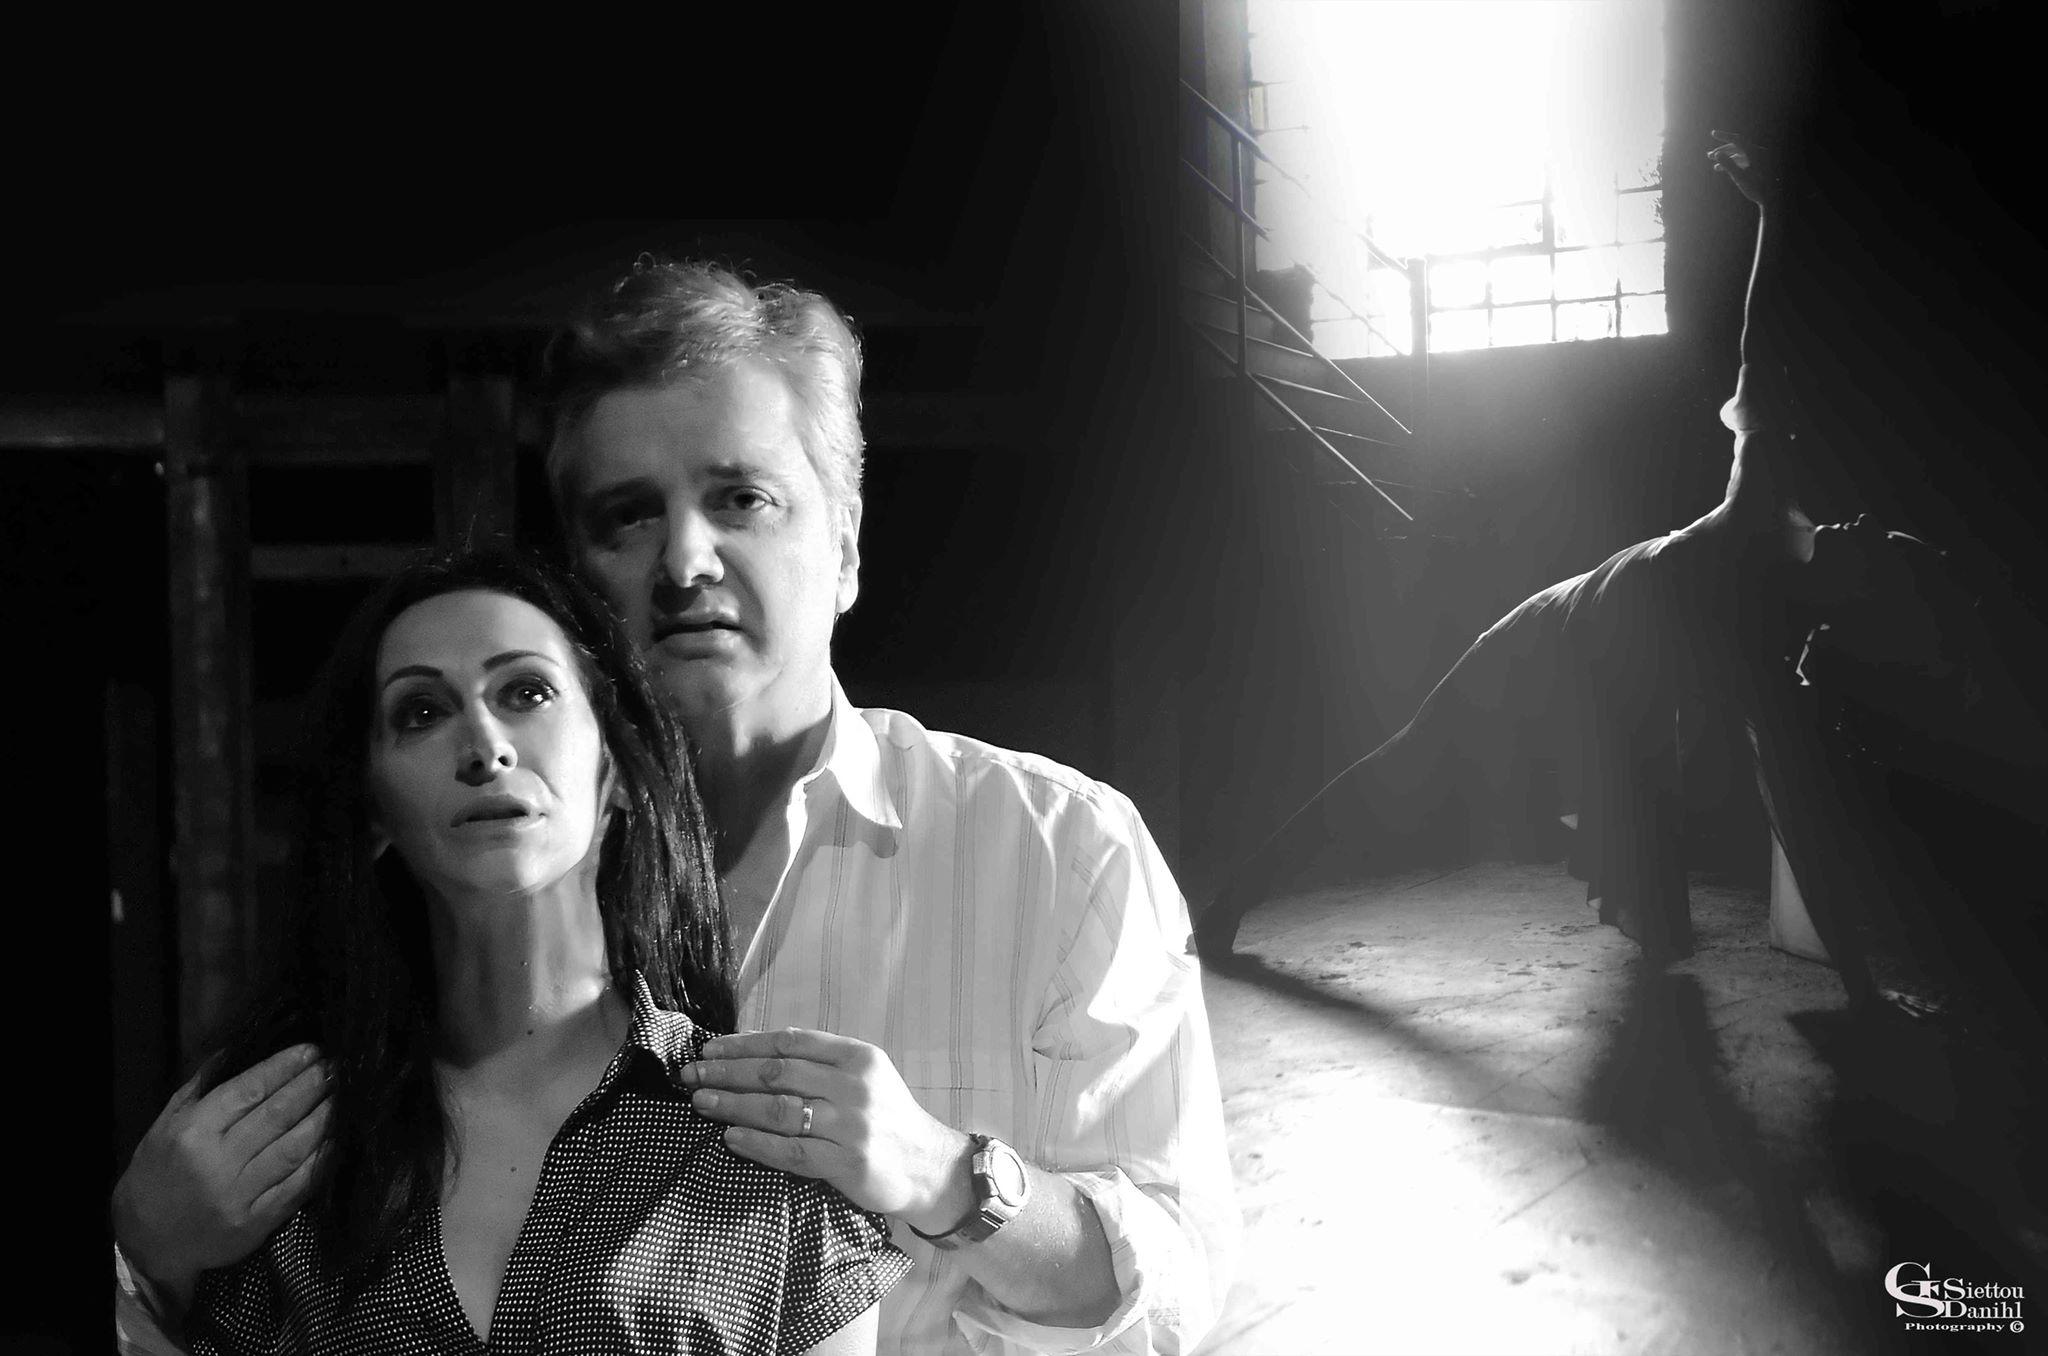 «Τι Κρύβει η Ντουλάπα» | Της Τζωρτζίνας Τζήλιου & του Γιώργου Κολιοβέτα